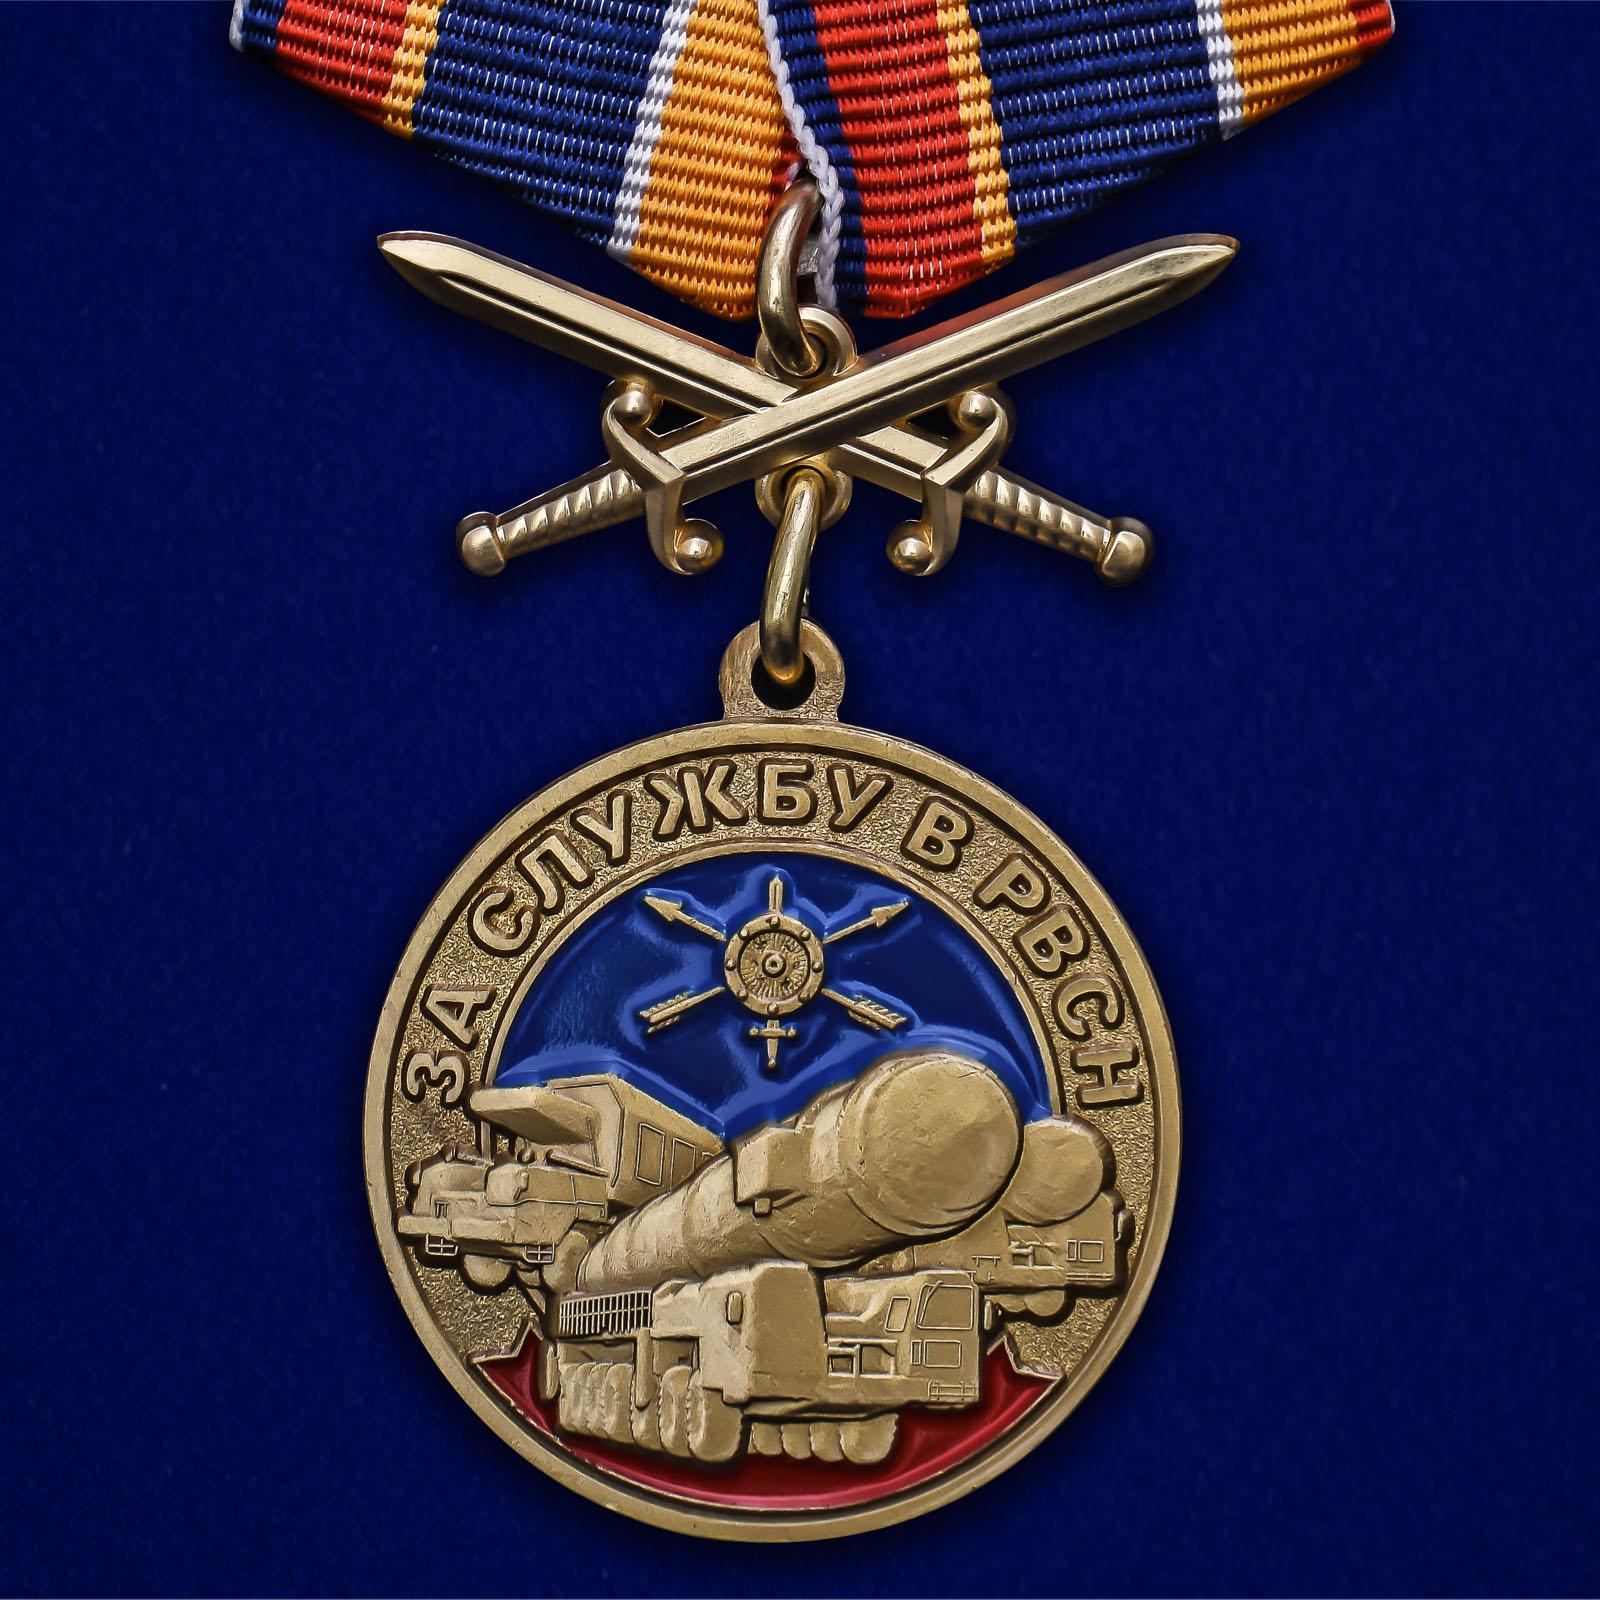 Купить медаль За службу в РВСН на подставке онлайн в подарок